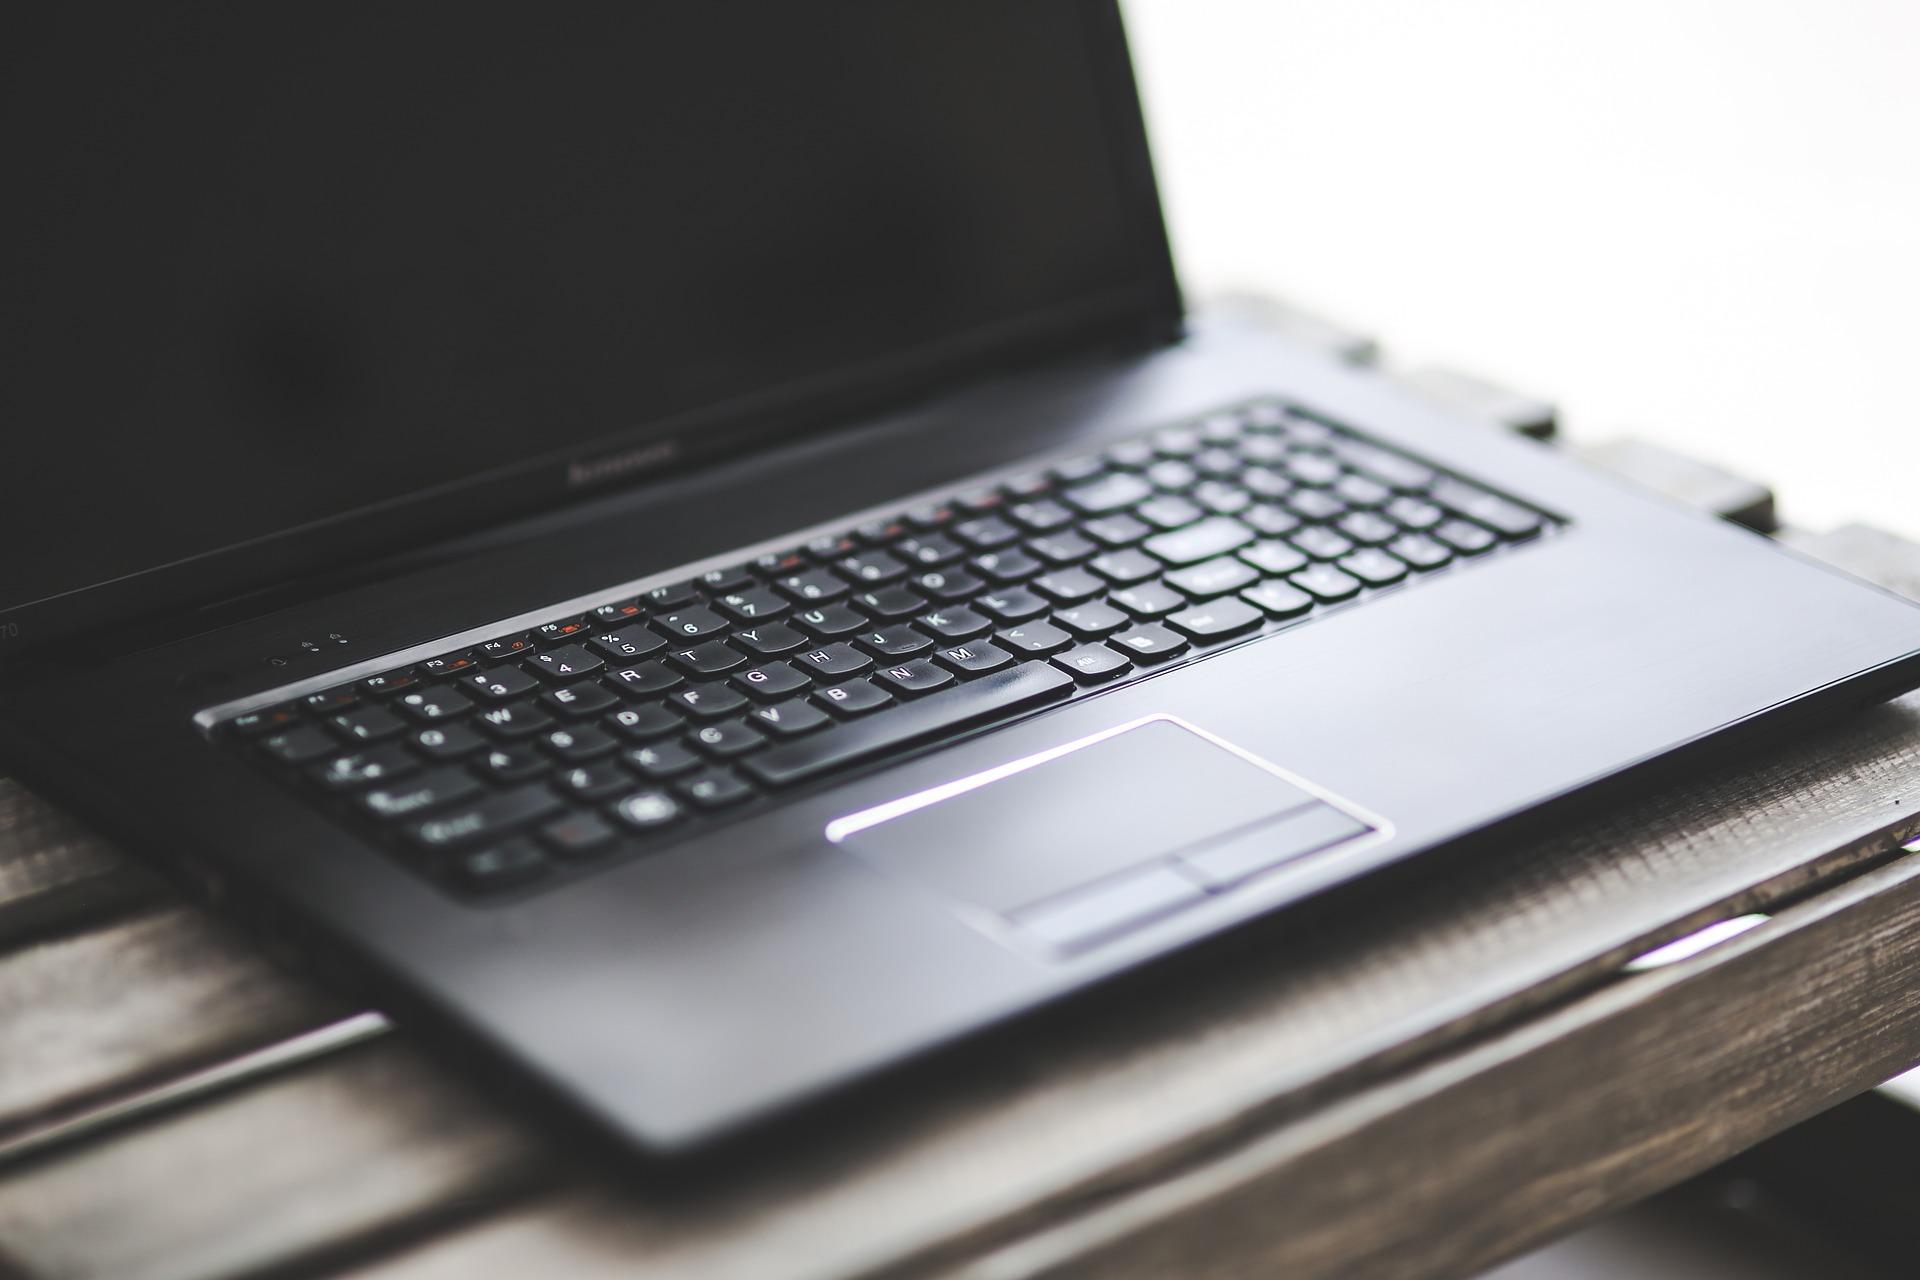 Vendas de computadores decrescem 4,7% na região EMEA